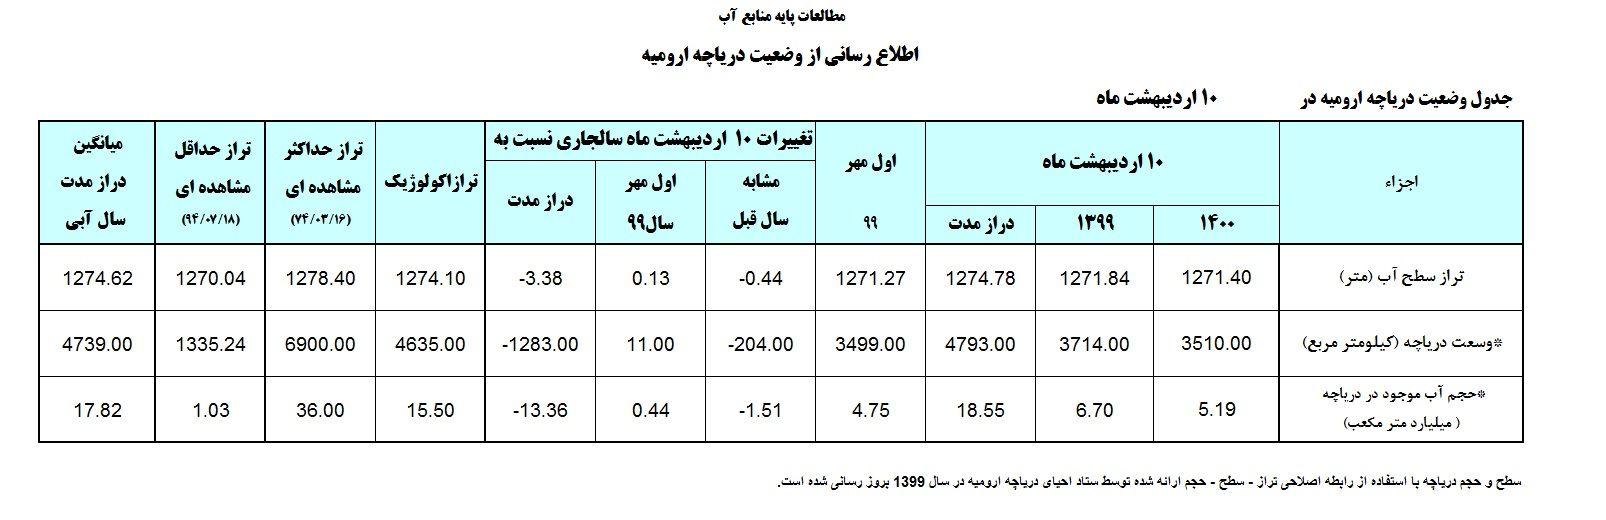 کاهش حجم آب دریاچه ارومیه  در پی کاهش بارندگیها